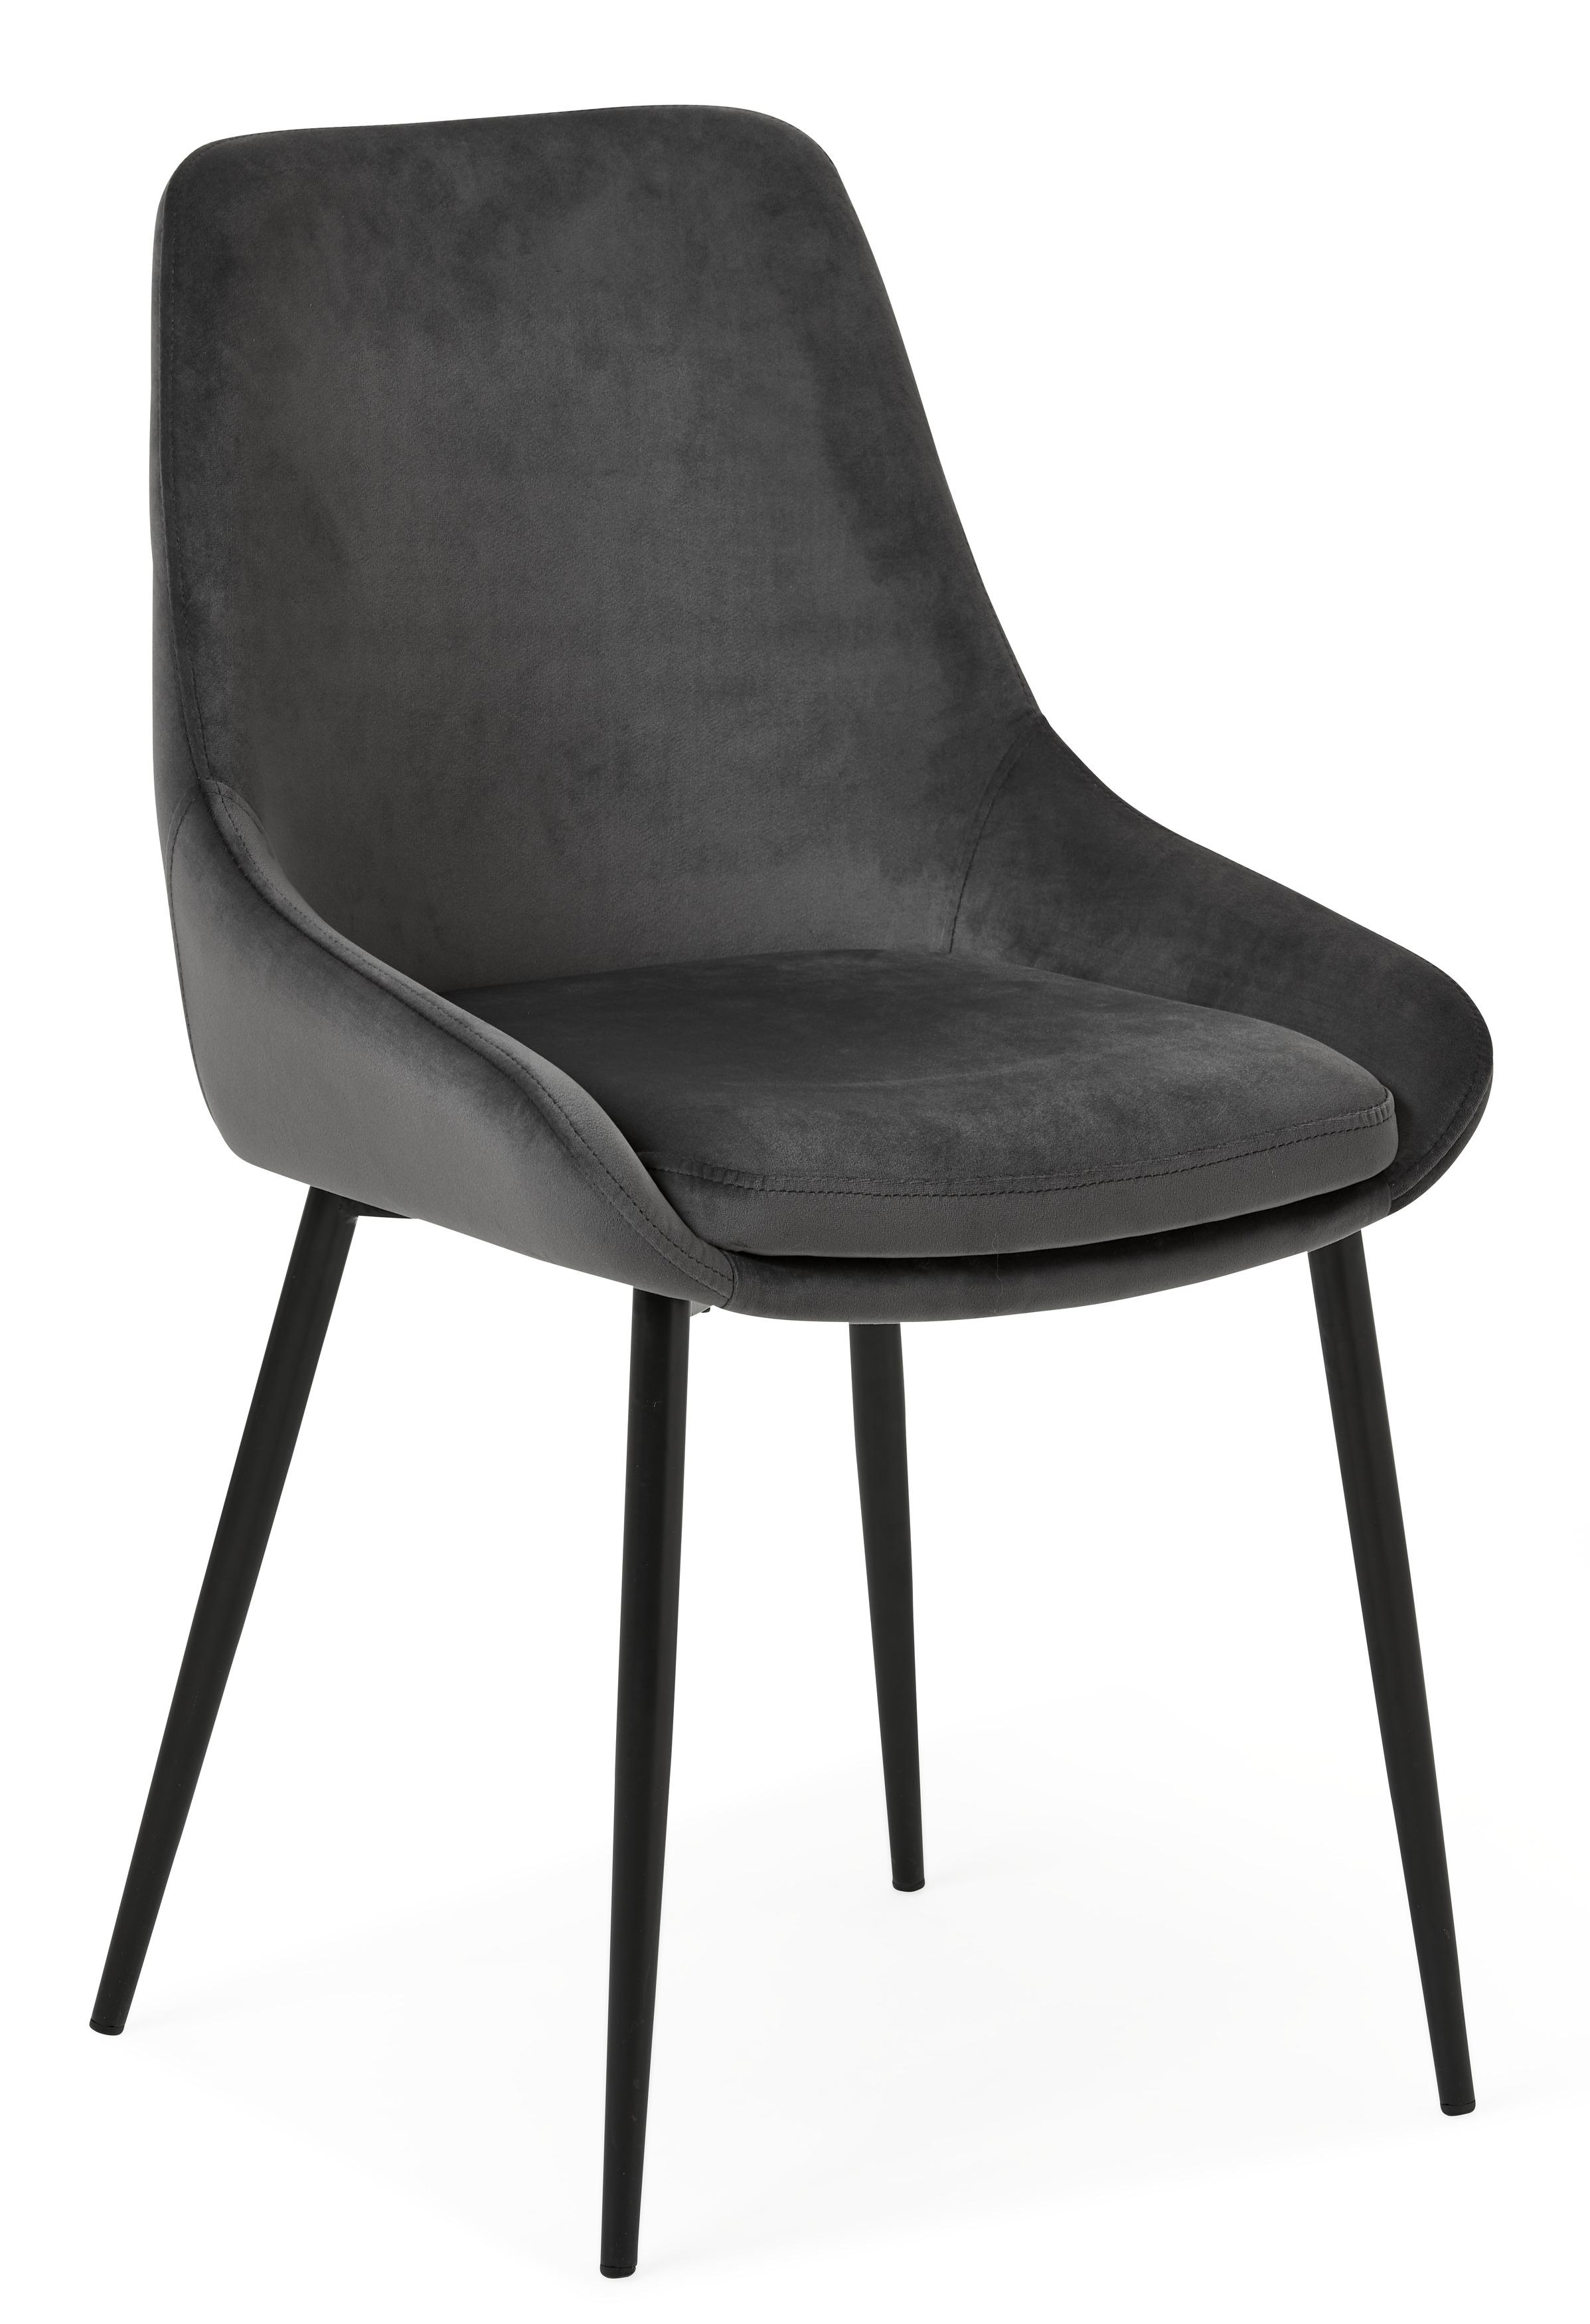 Stol i grått tyg med ben i svartlackerad metall